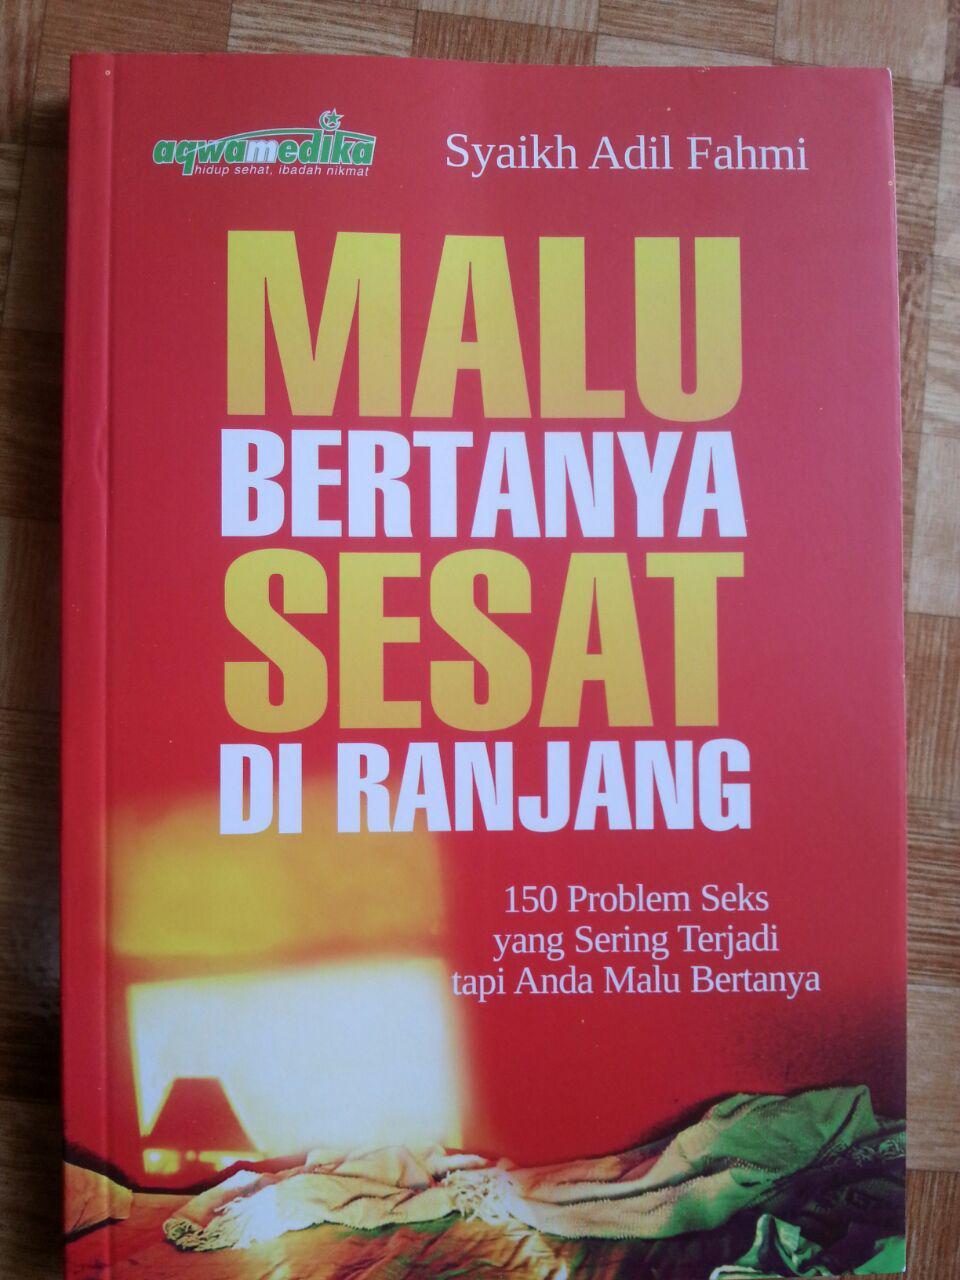 Buku Malu Bertanya Sesat Di Ranjang 150 Problem Sering Terjadi cover 2